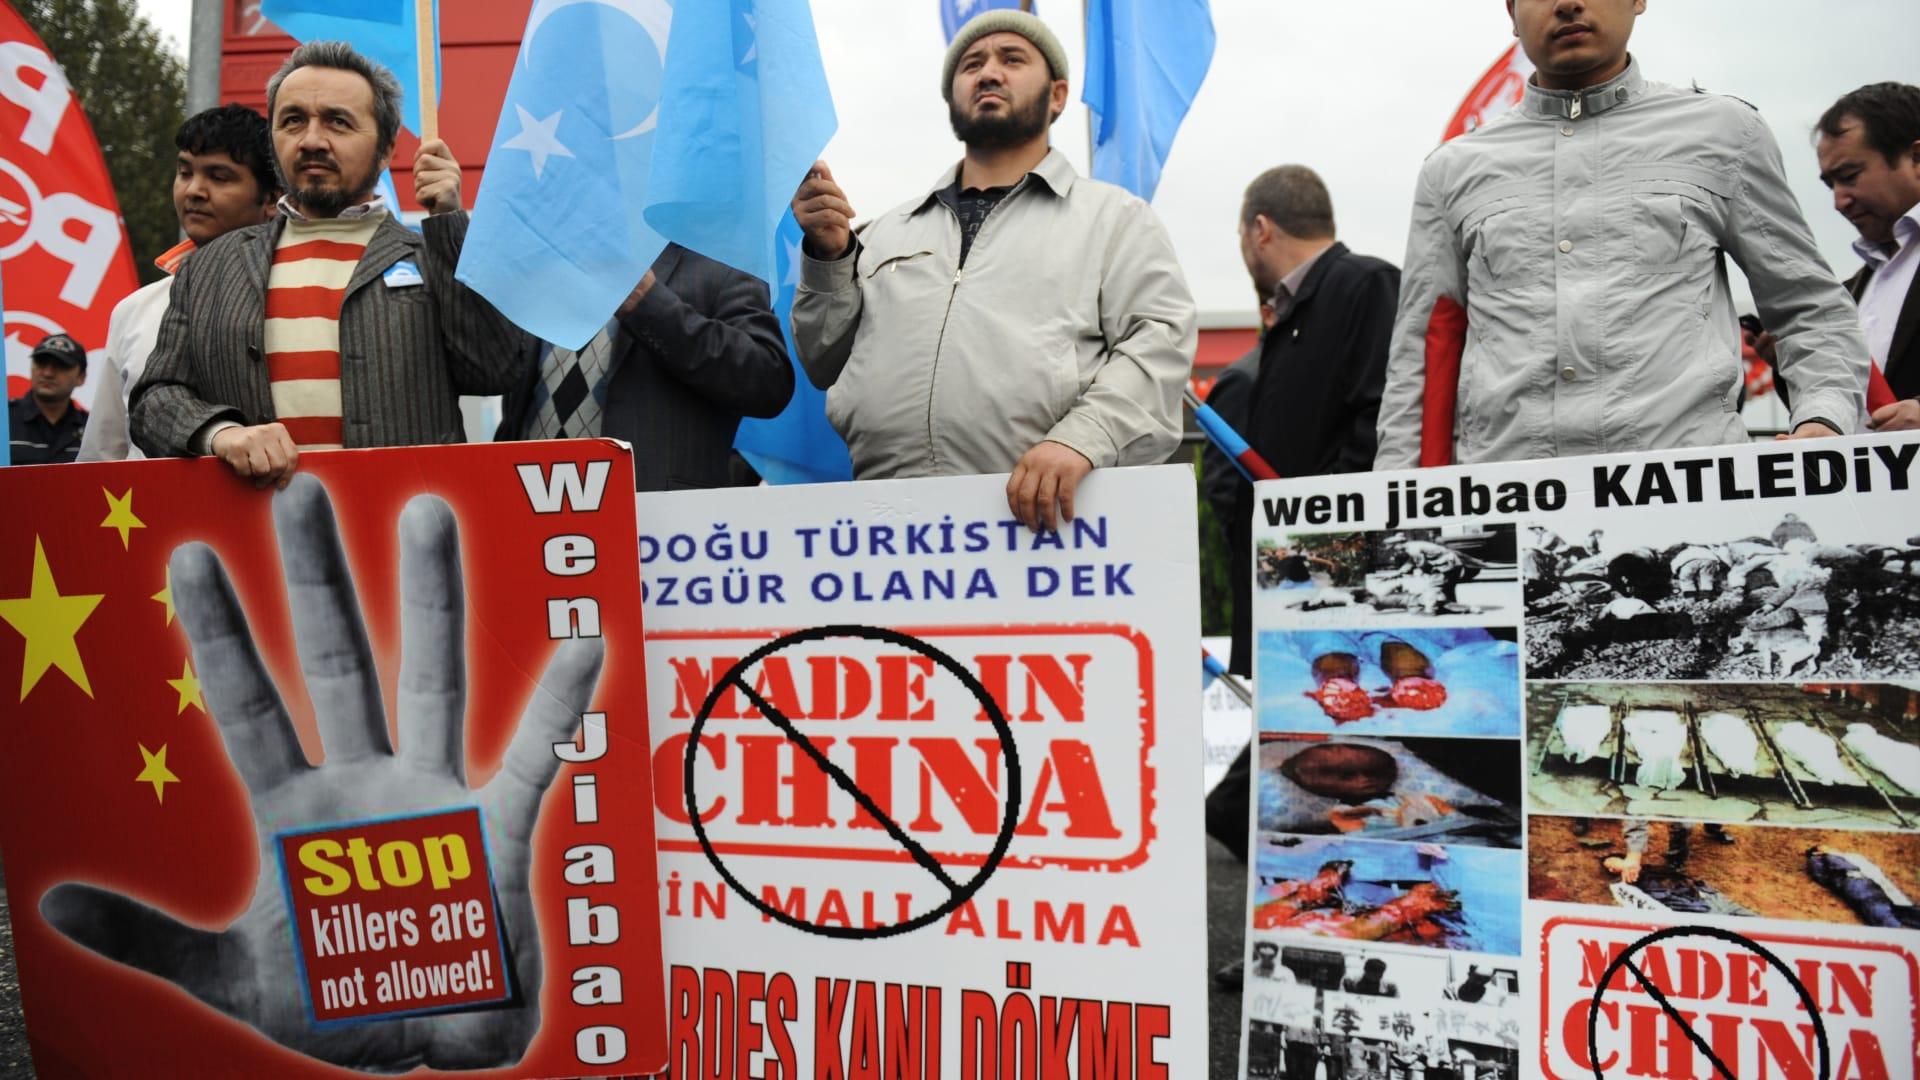 اللحية وجواز السفر.. أسباب سلطات الصين لاعتقال مسلمي الإيغور